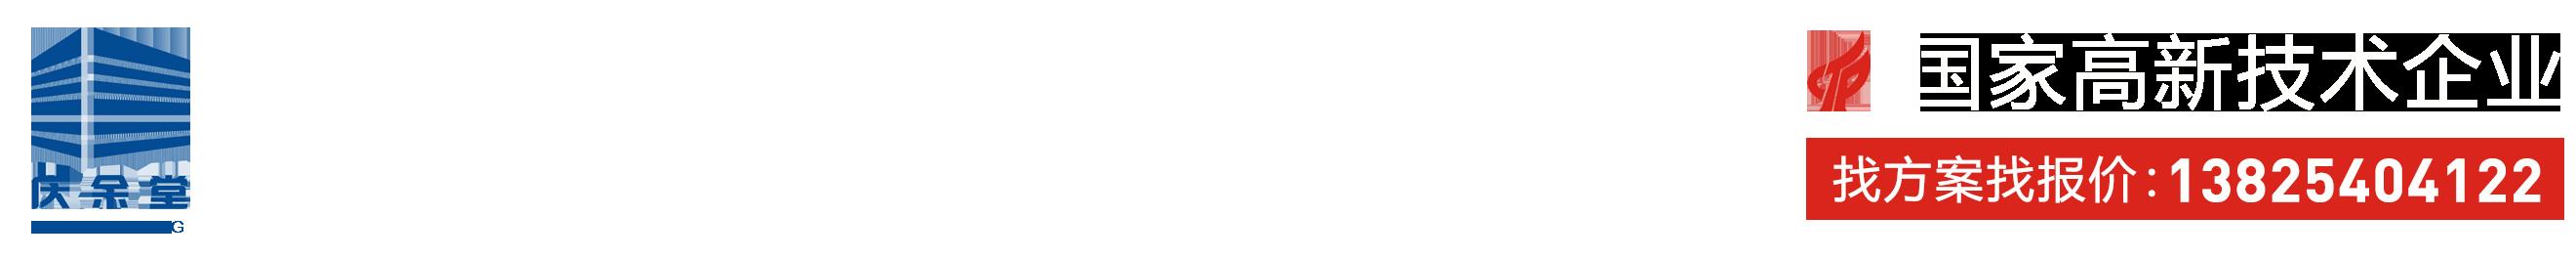 惠州市余慶堂加固科技有限公司